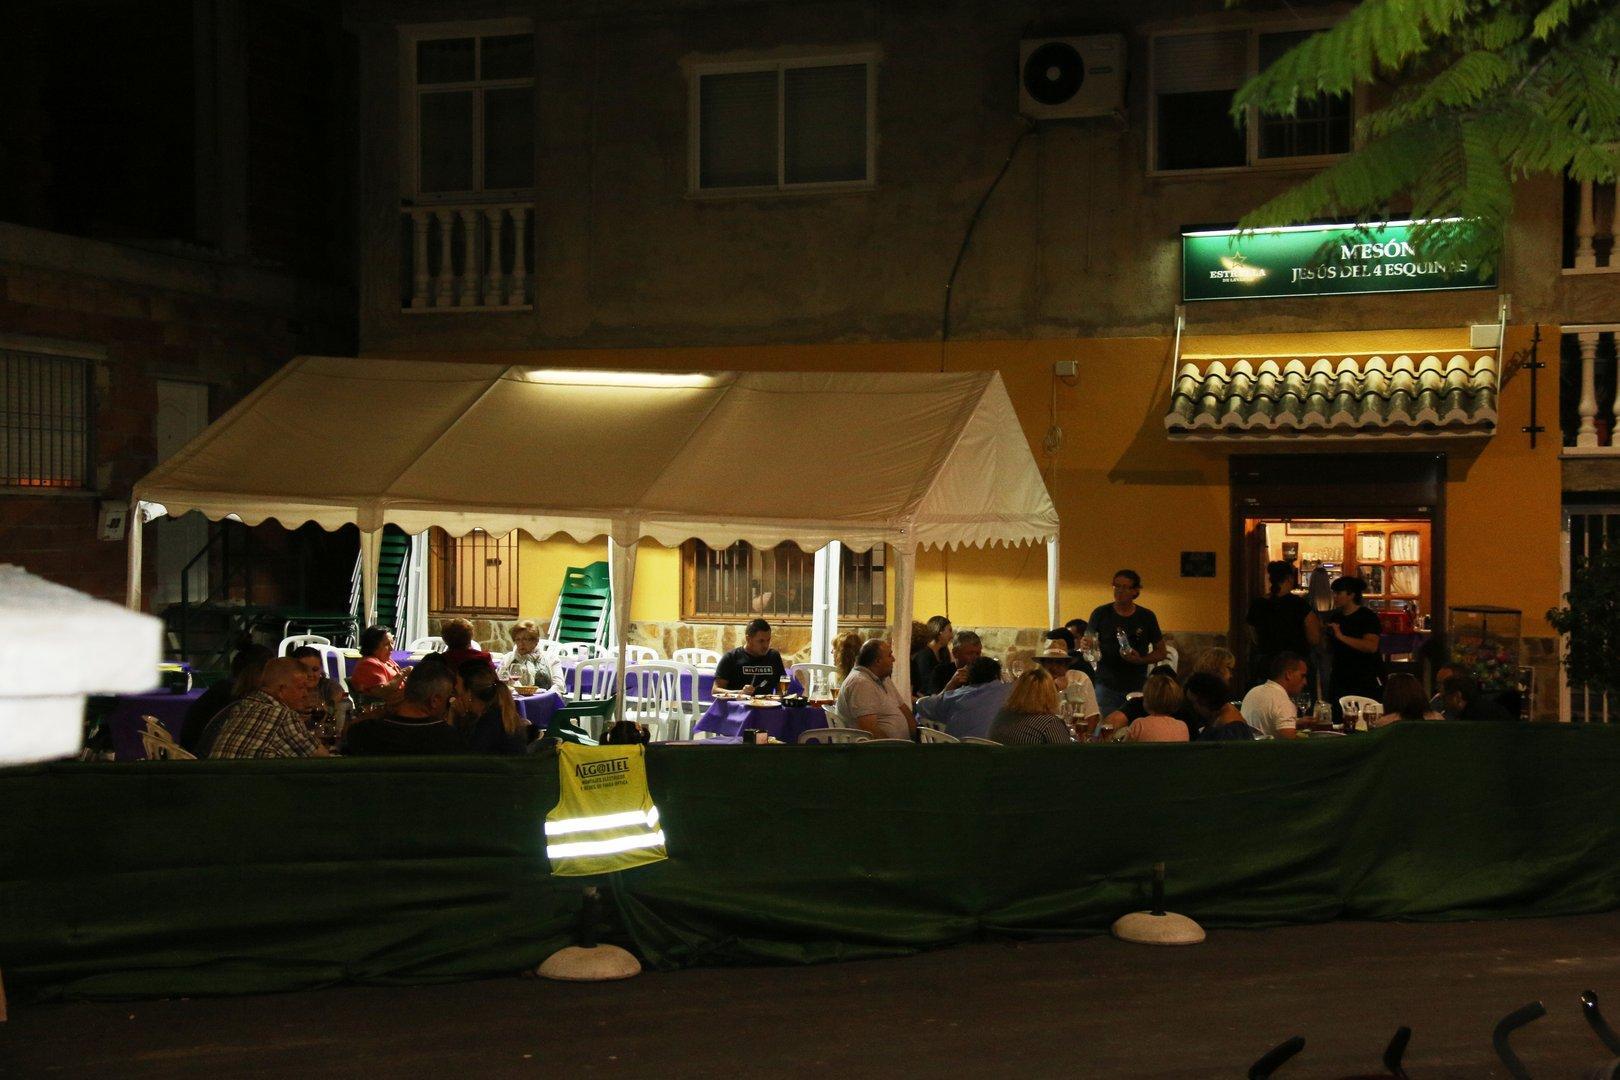 Fiestas Algaida en Restaurante Jesús 4 Esquinas